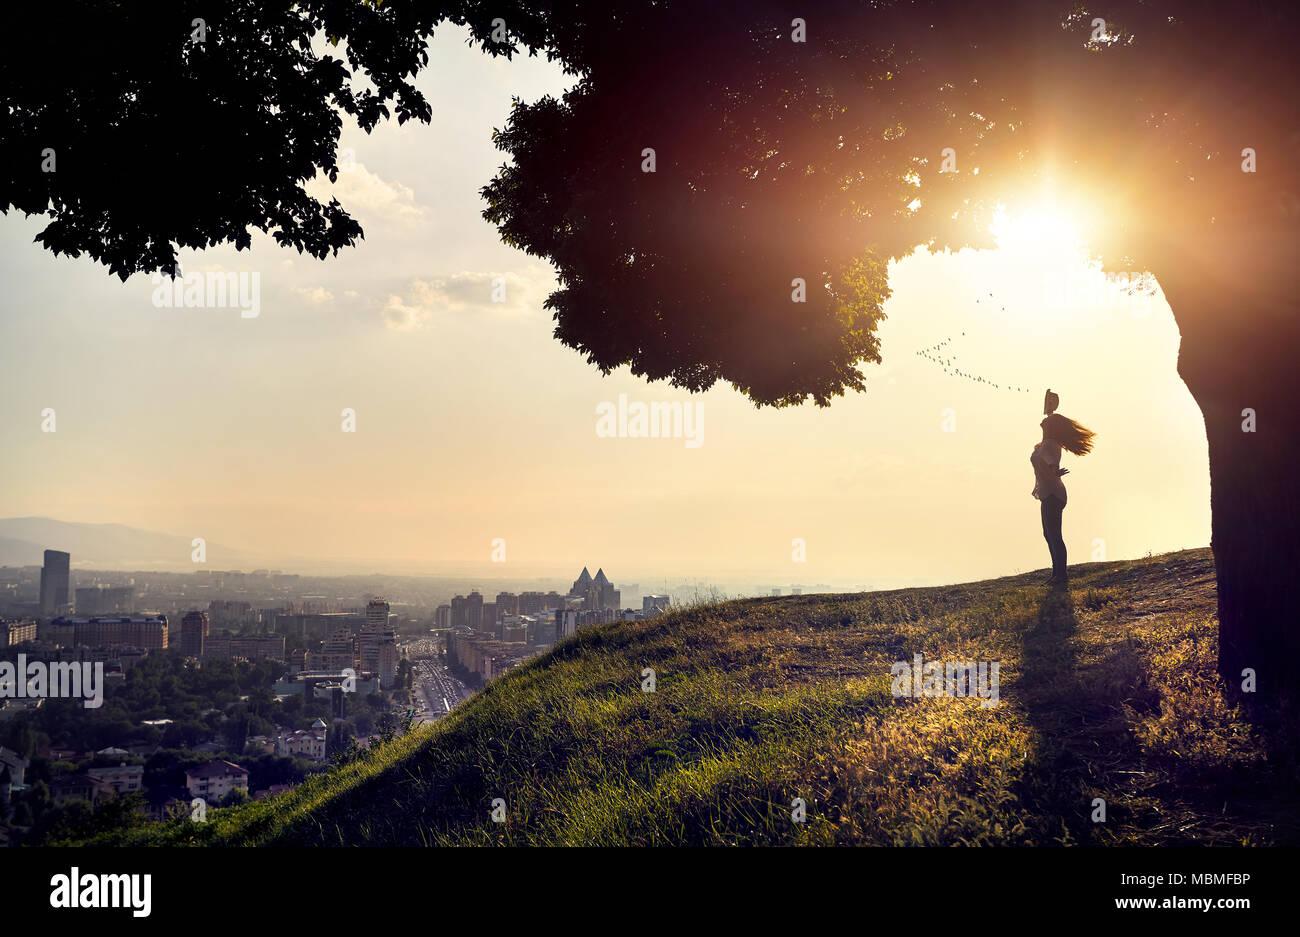 Frau in Silhouette mit Hut steigende Hand im Sunset City View Hintergrund. Das Leben in der Stadt. Stockbild